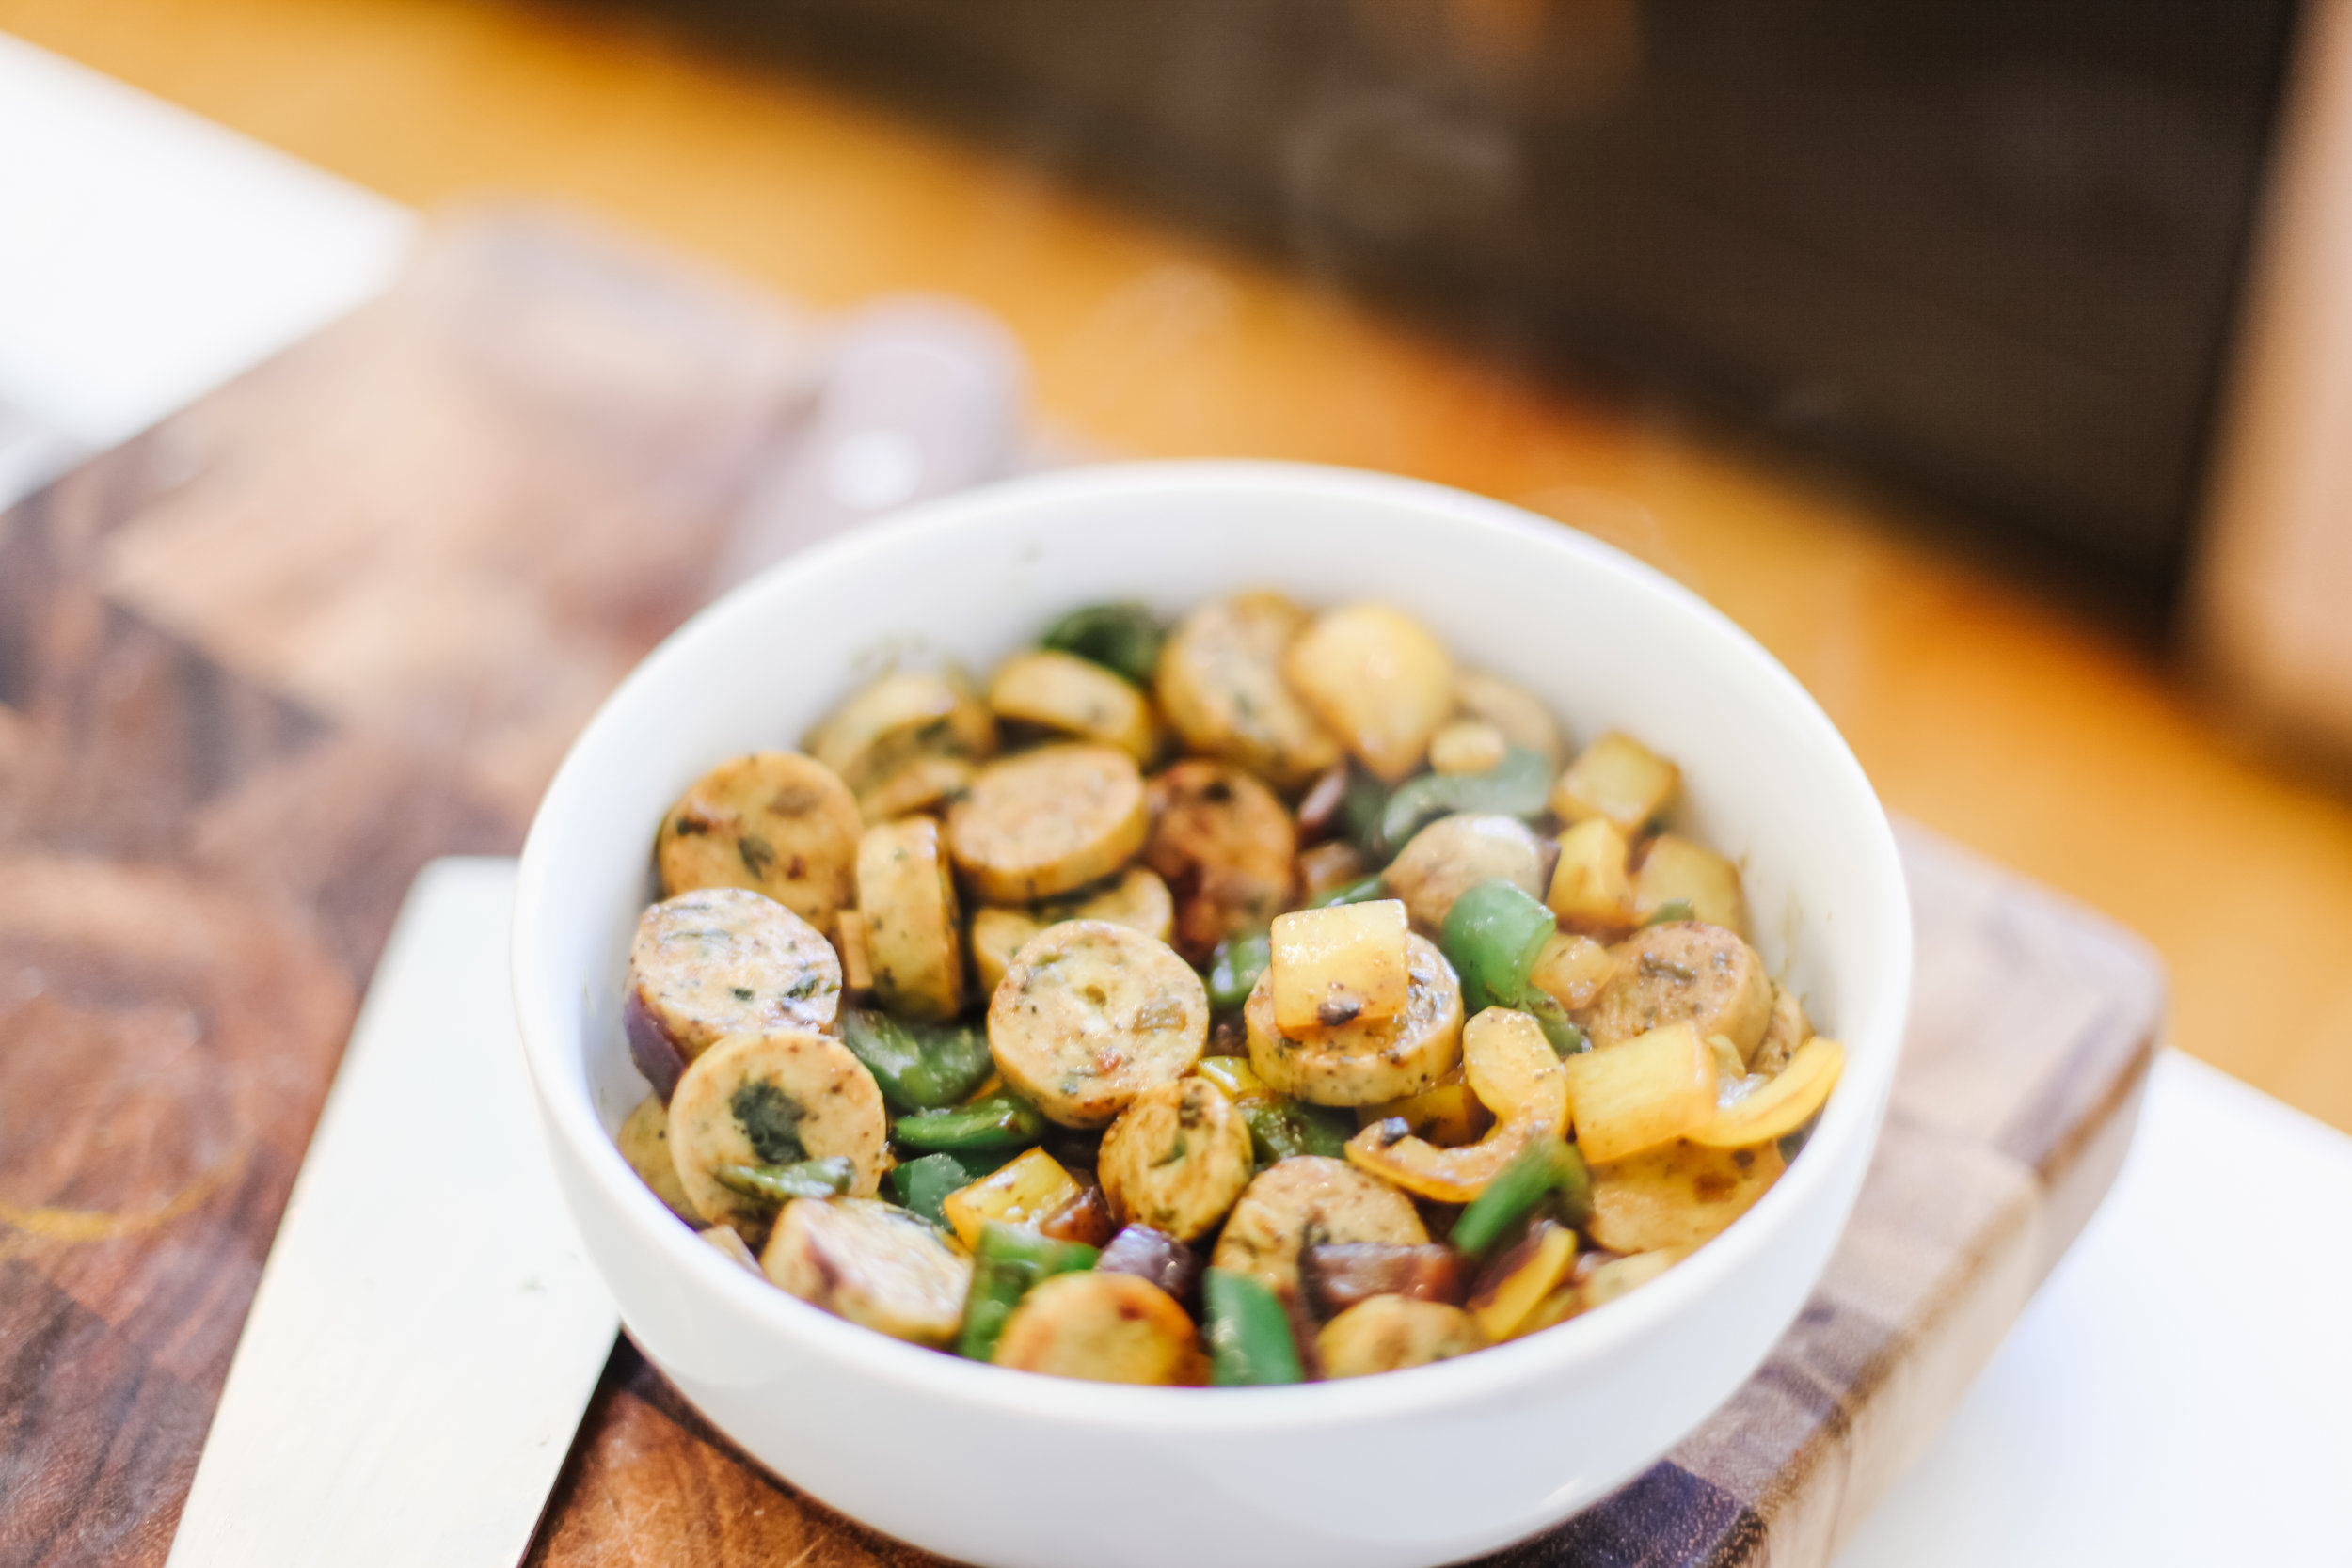 atlanta-woodstock-health-nutrition-whole-30-food-blogger-angela-elliott-wingard-57.jpg